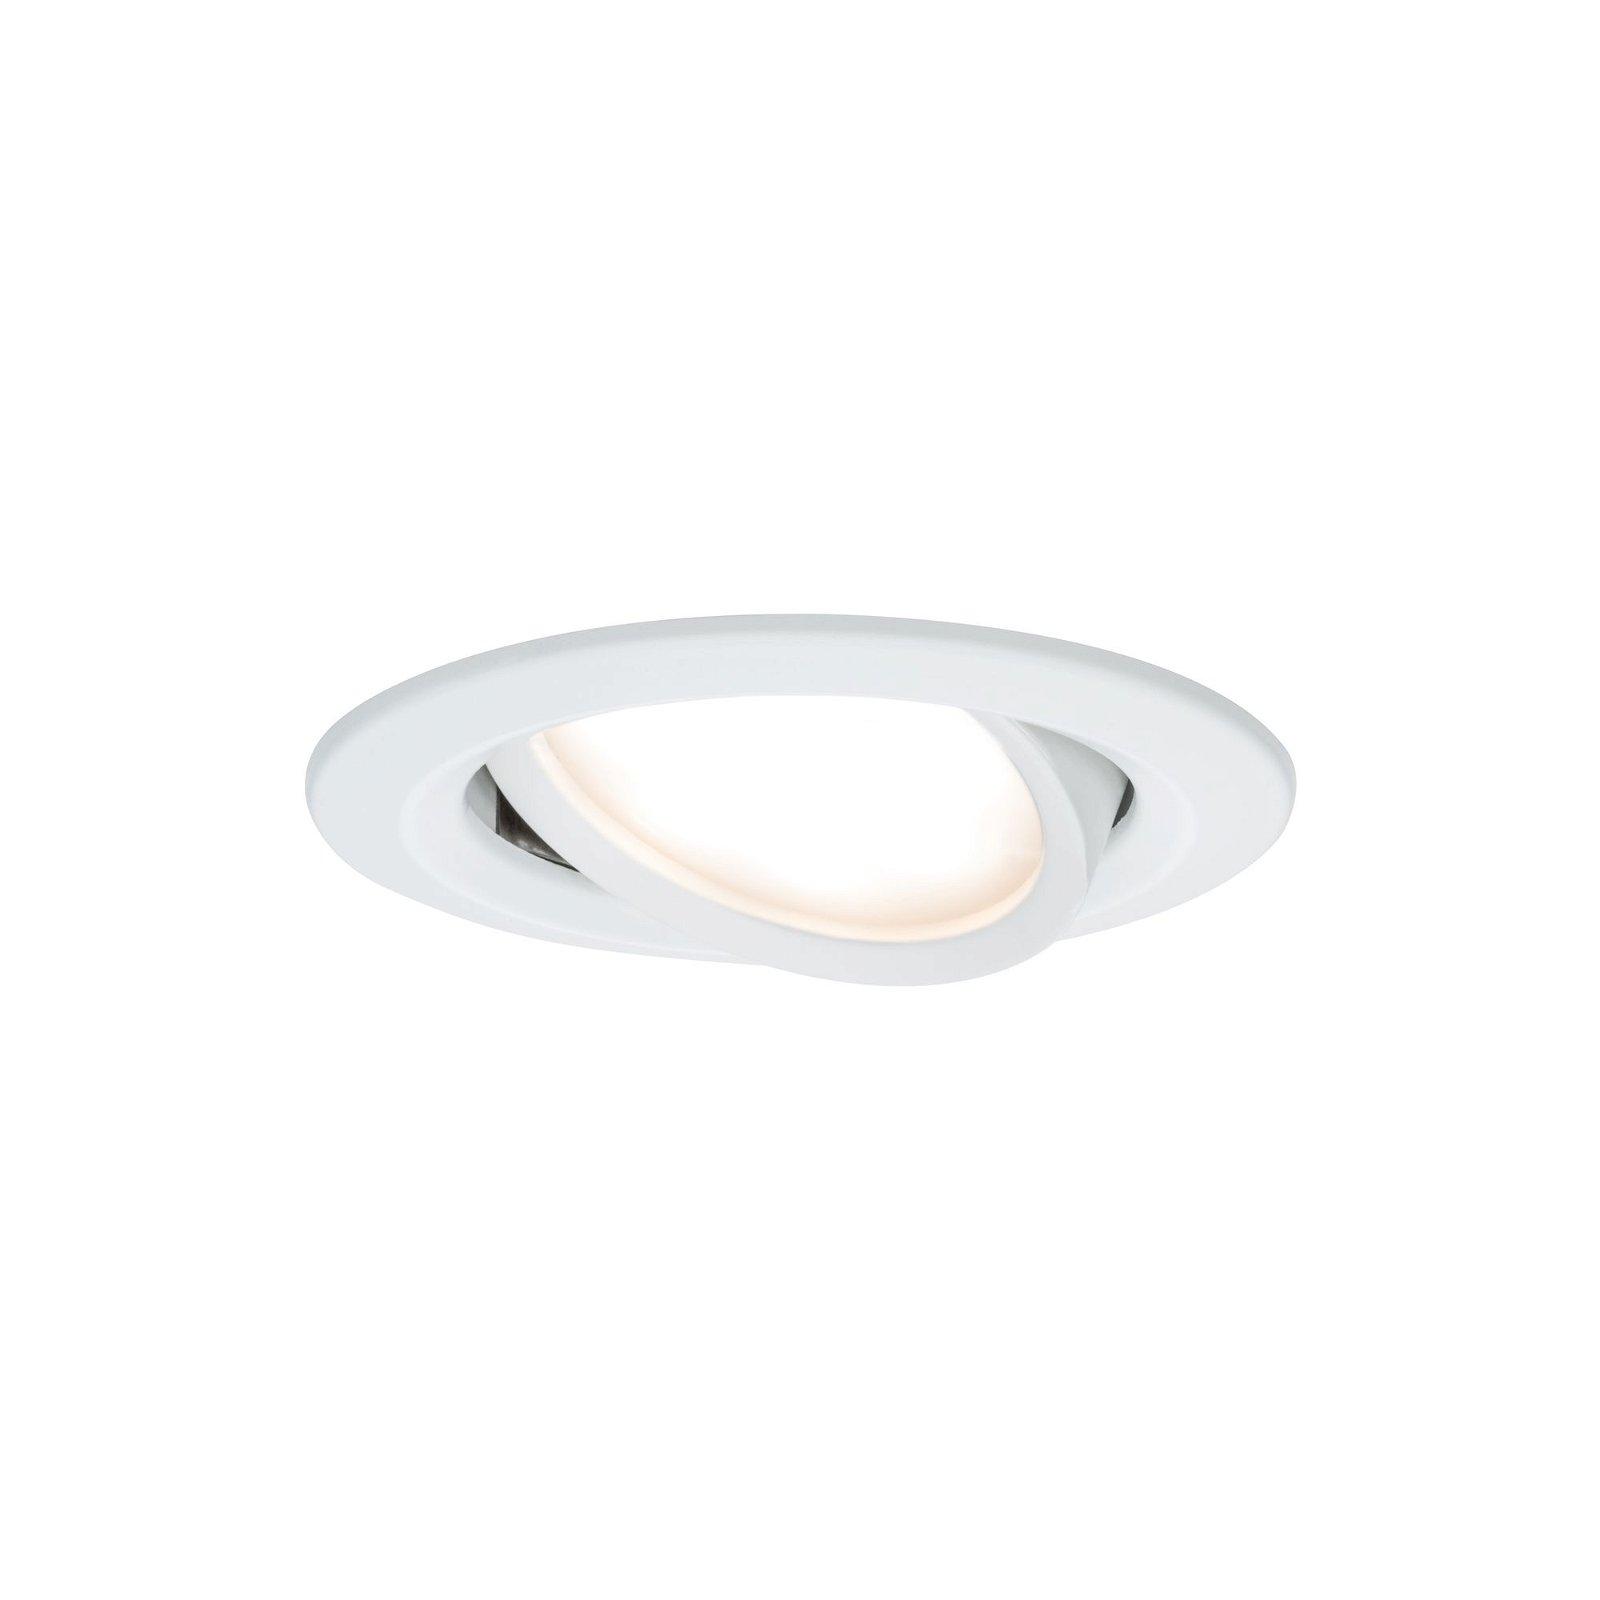 LED-inbouwlamp Nova Coin Basisset zwenkbaar rond 84mm 50° Coin 3x6,5W 3x460lm 230V 2700K Wit mat